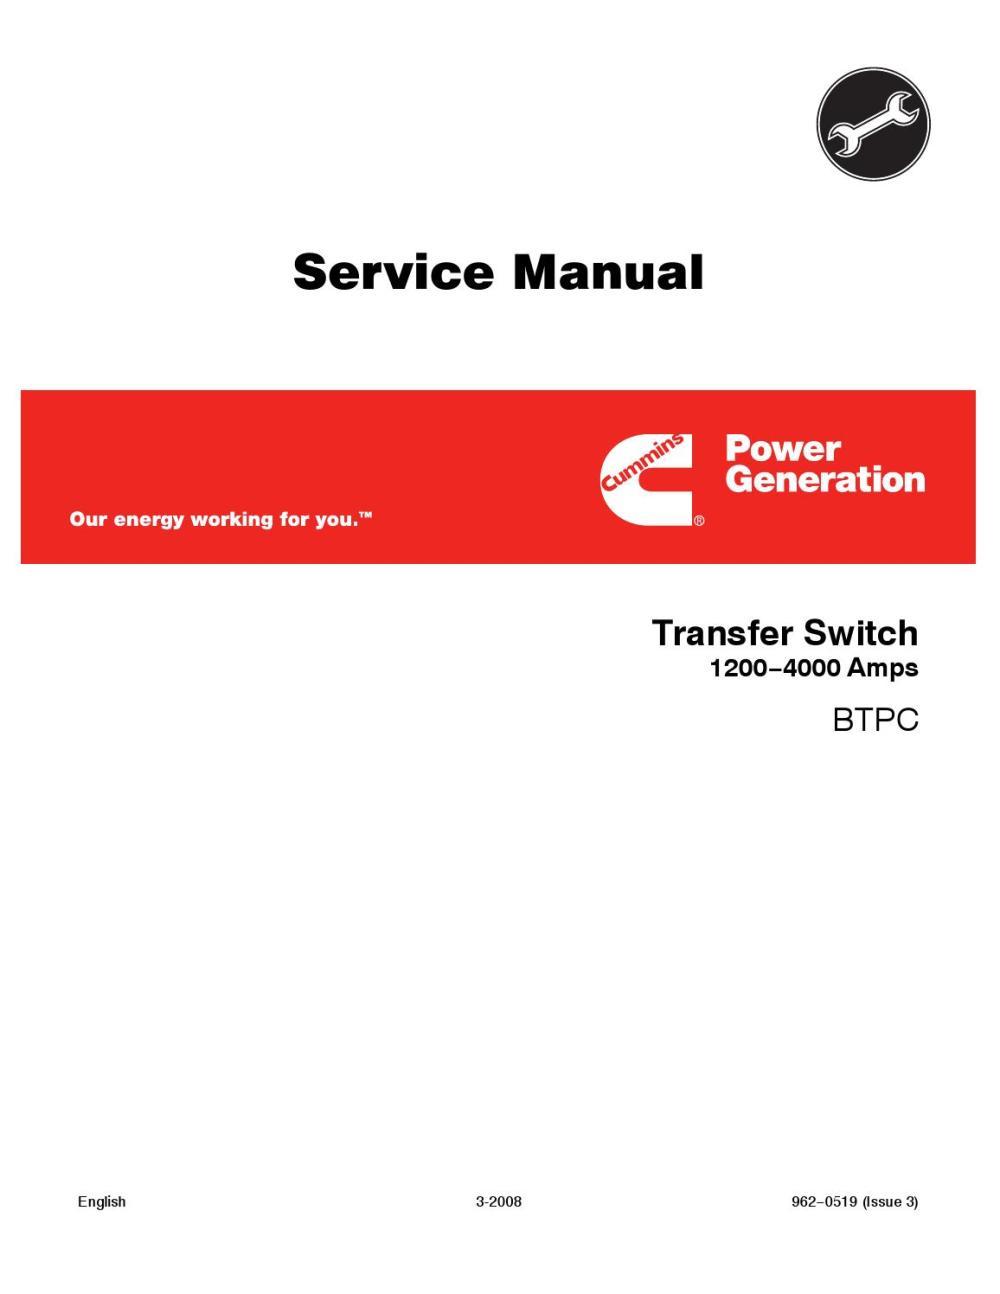 medium resolution of cummins onan btpc transfer switch 1200 4000 amperes service repair manual